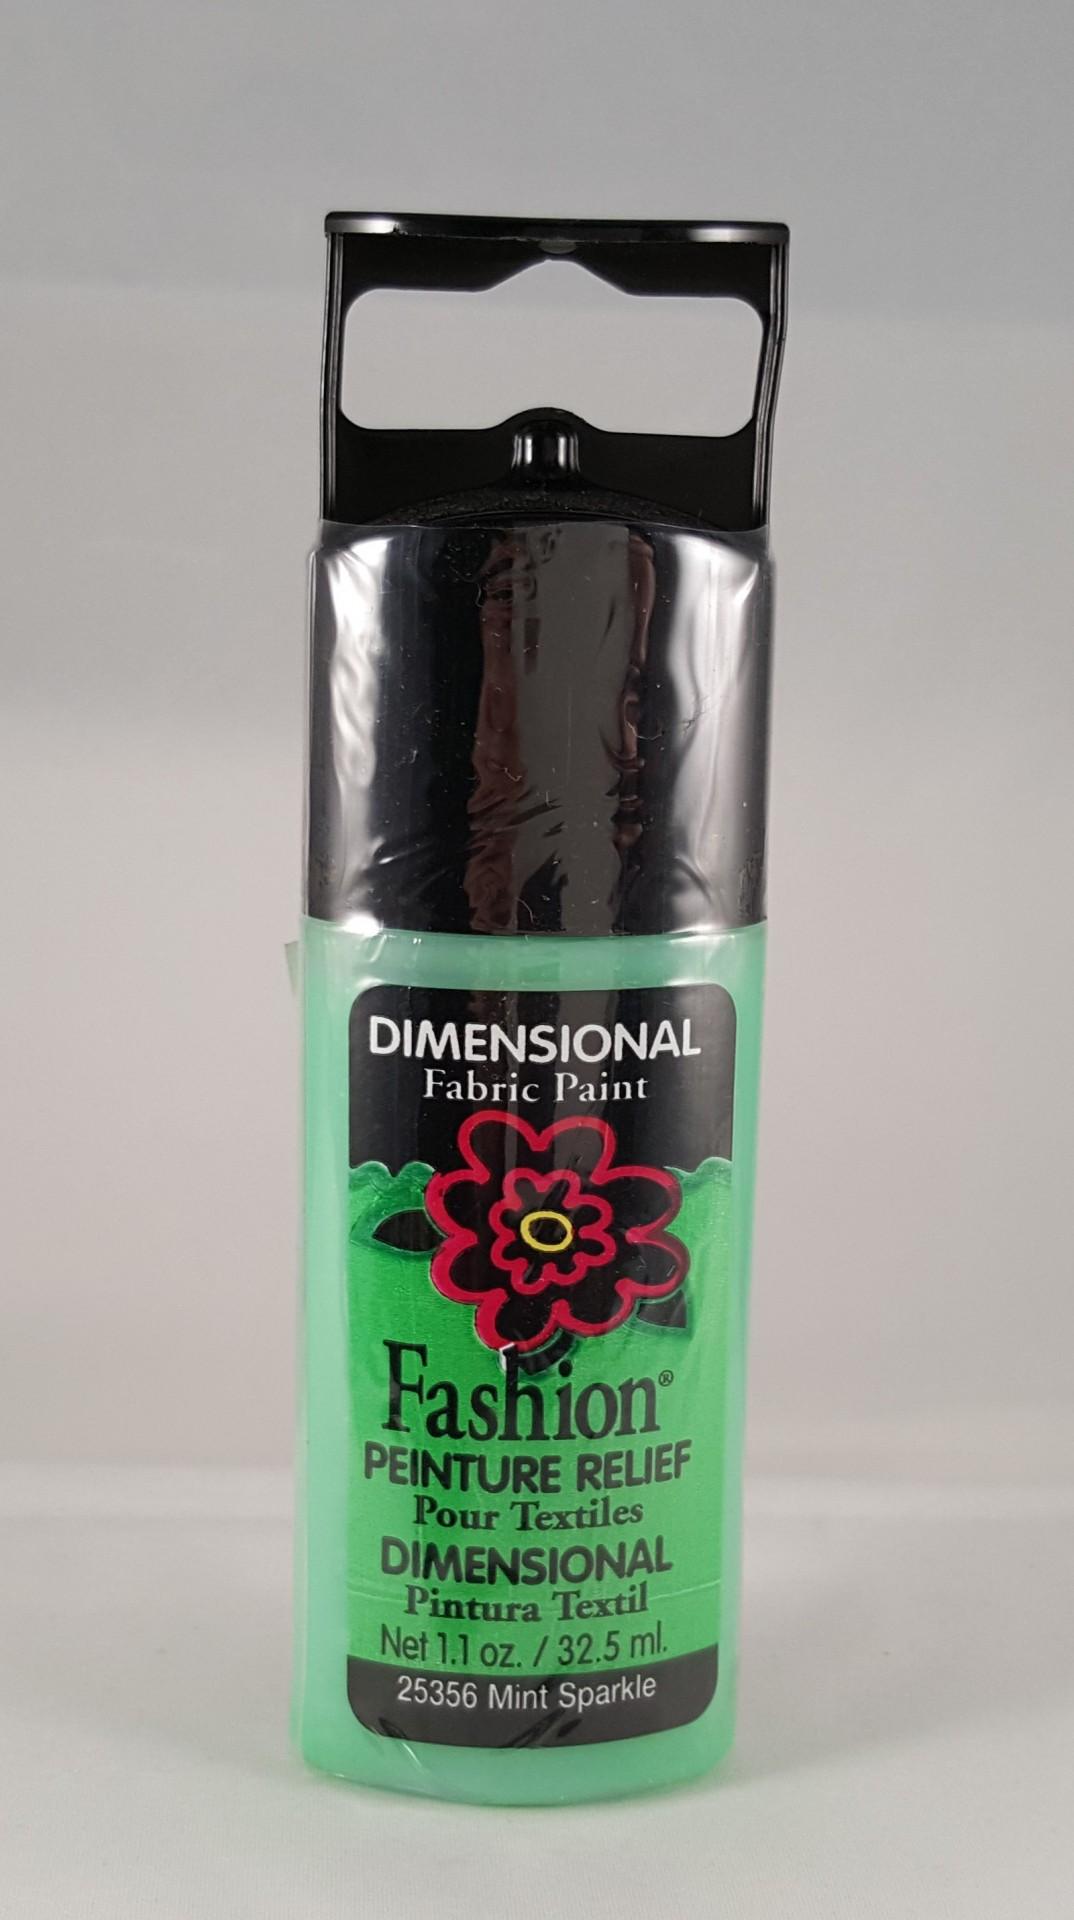 Tinta Dimensional para Tecido Fashion mint sparkle